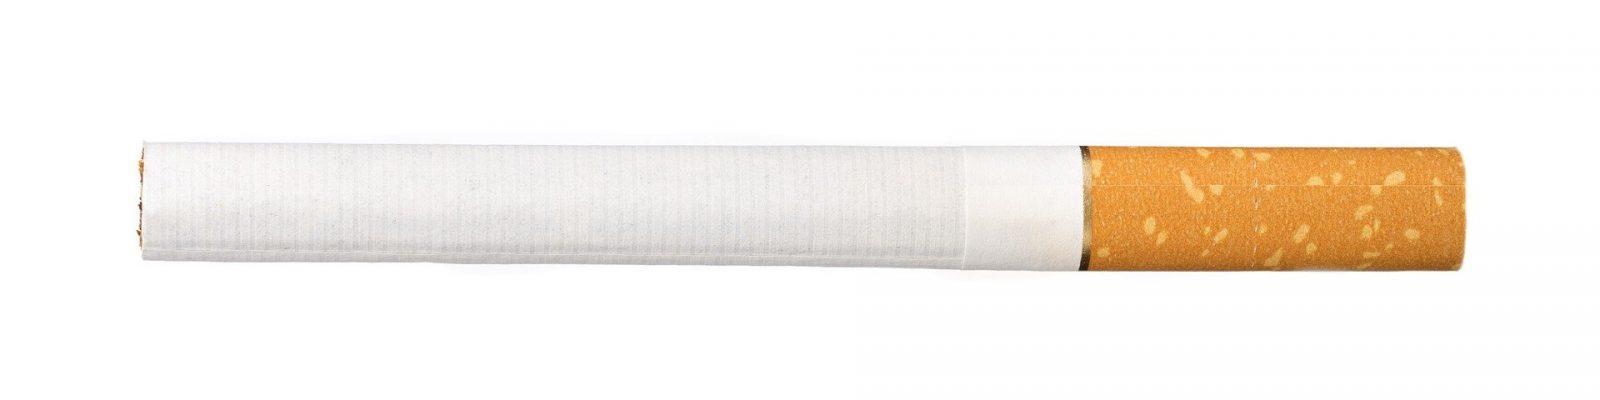 Cigarette 1271874 1920